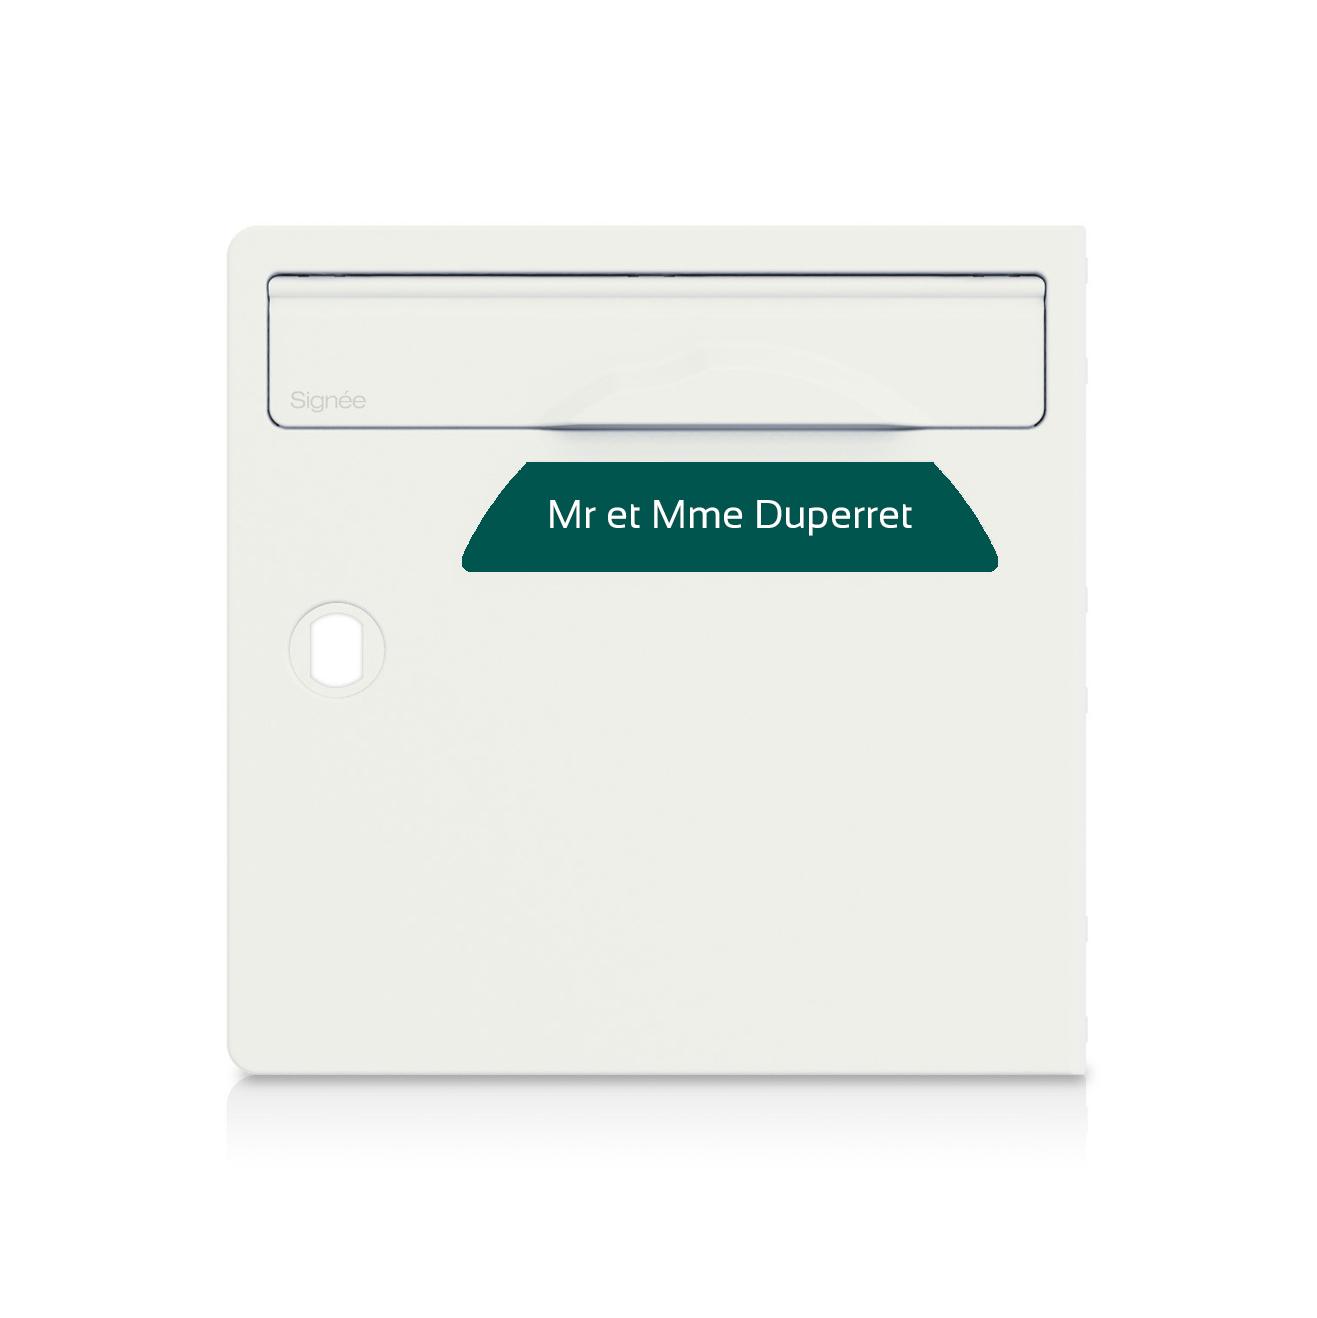 Plaque boite aux lettres Signée vert foncé lettres blanches - 1 ligne